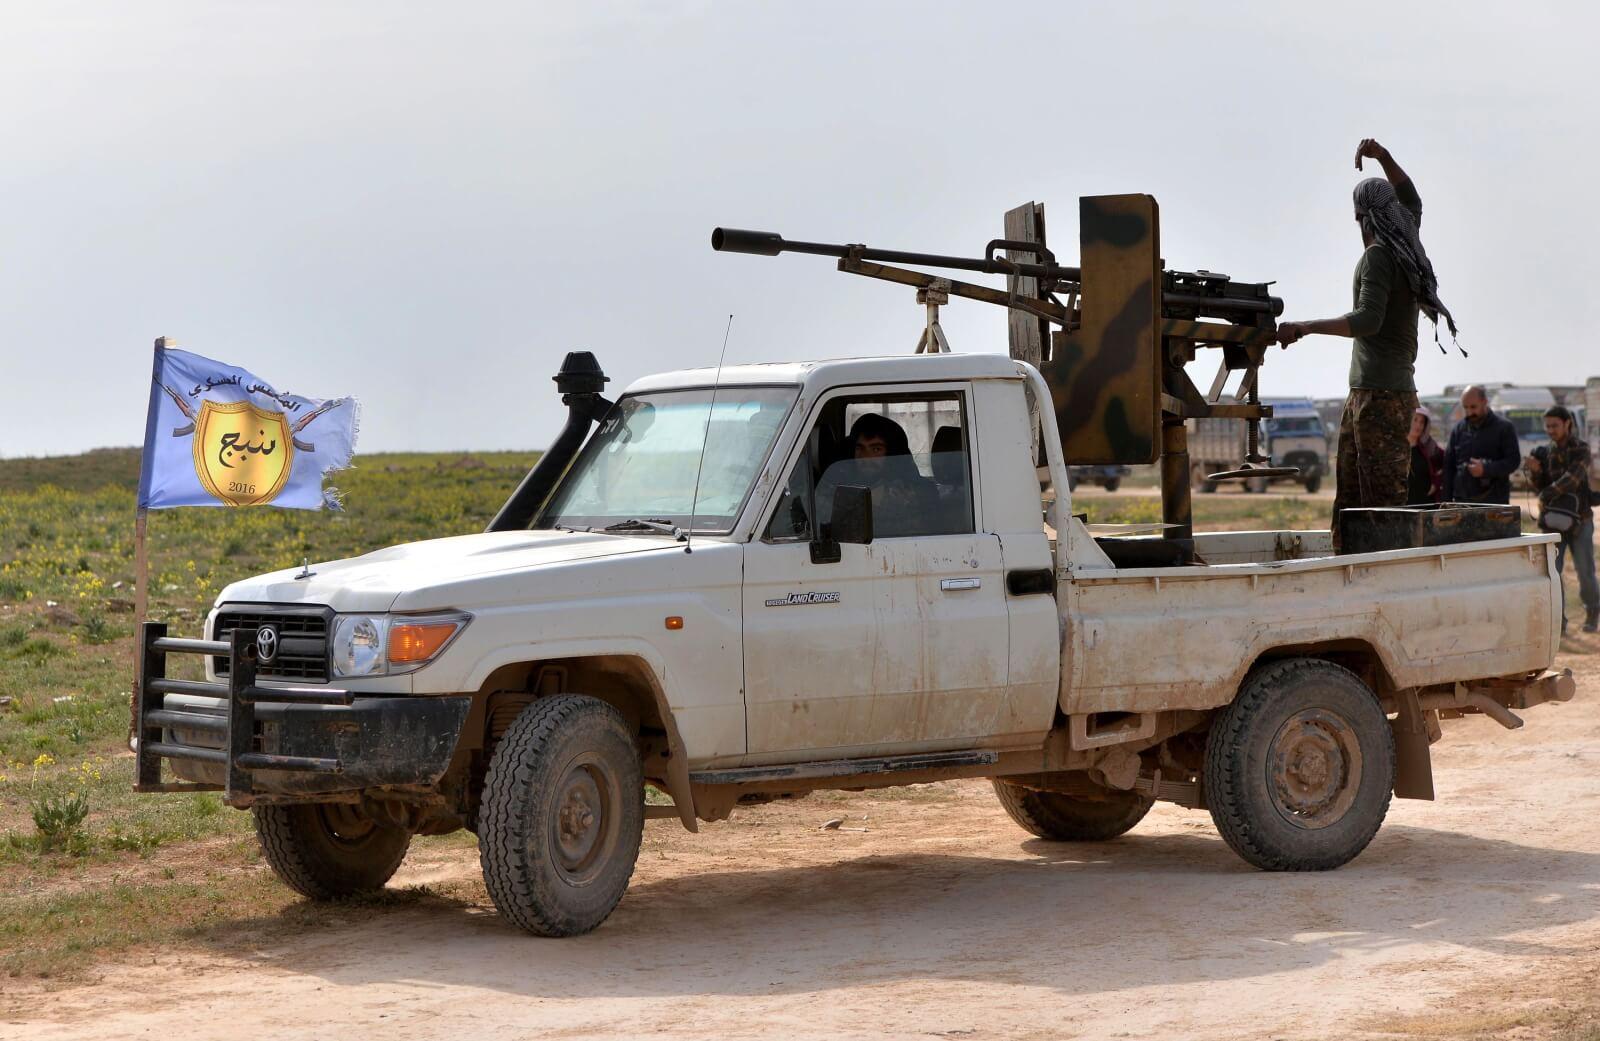 Trwający konflikt w Syrii fot. EPA/MURTAJA LATEEF